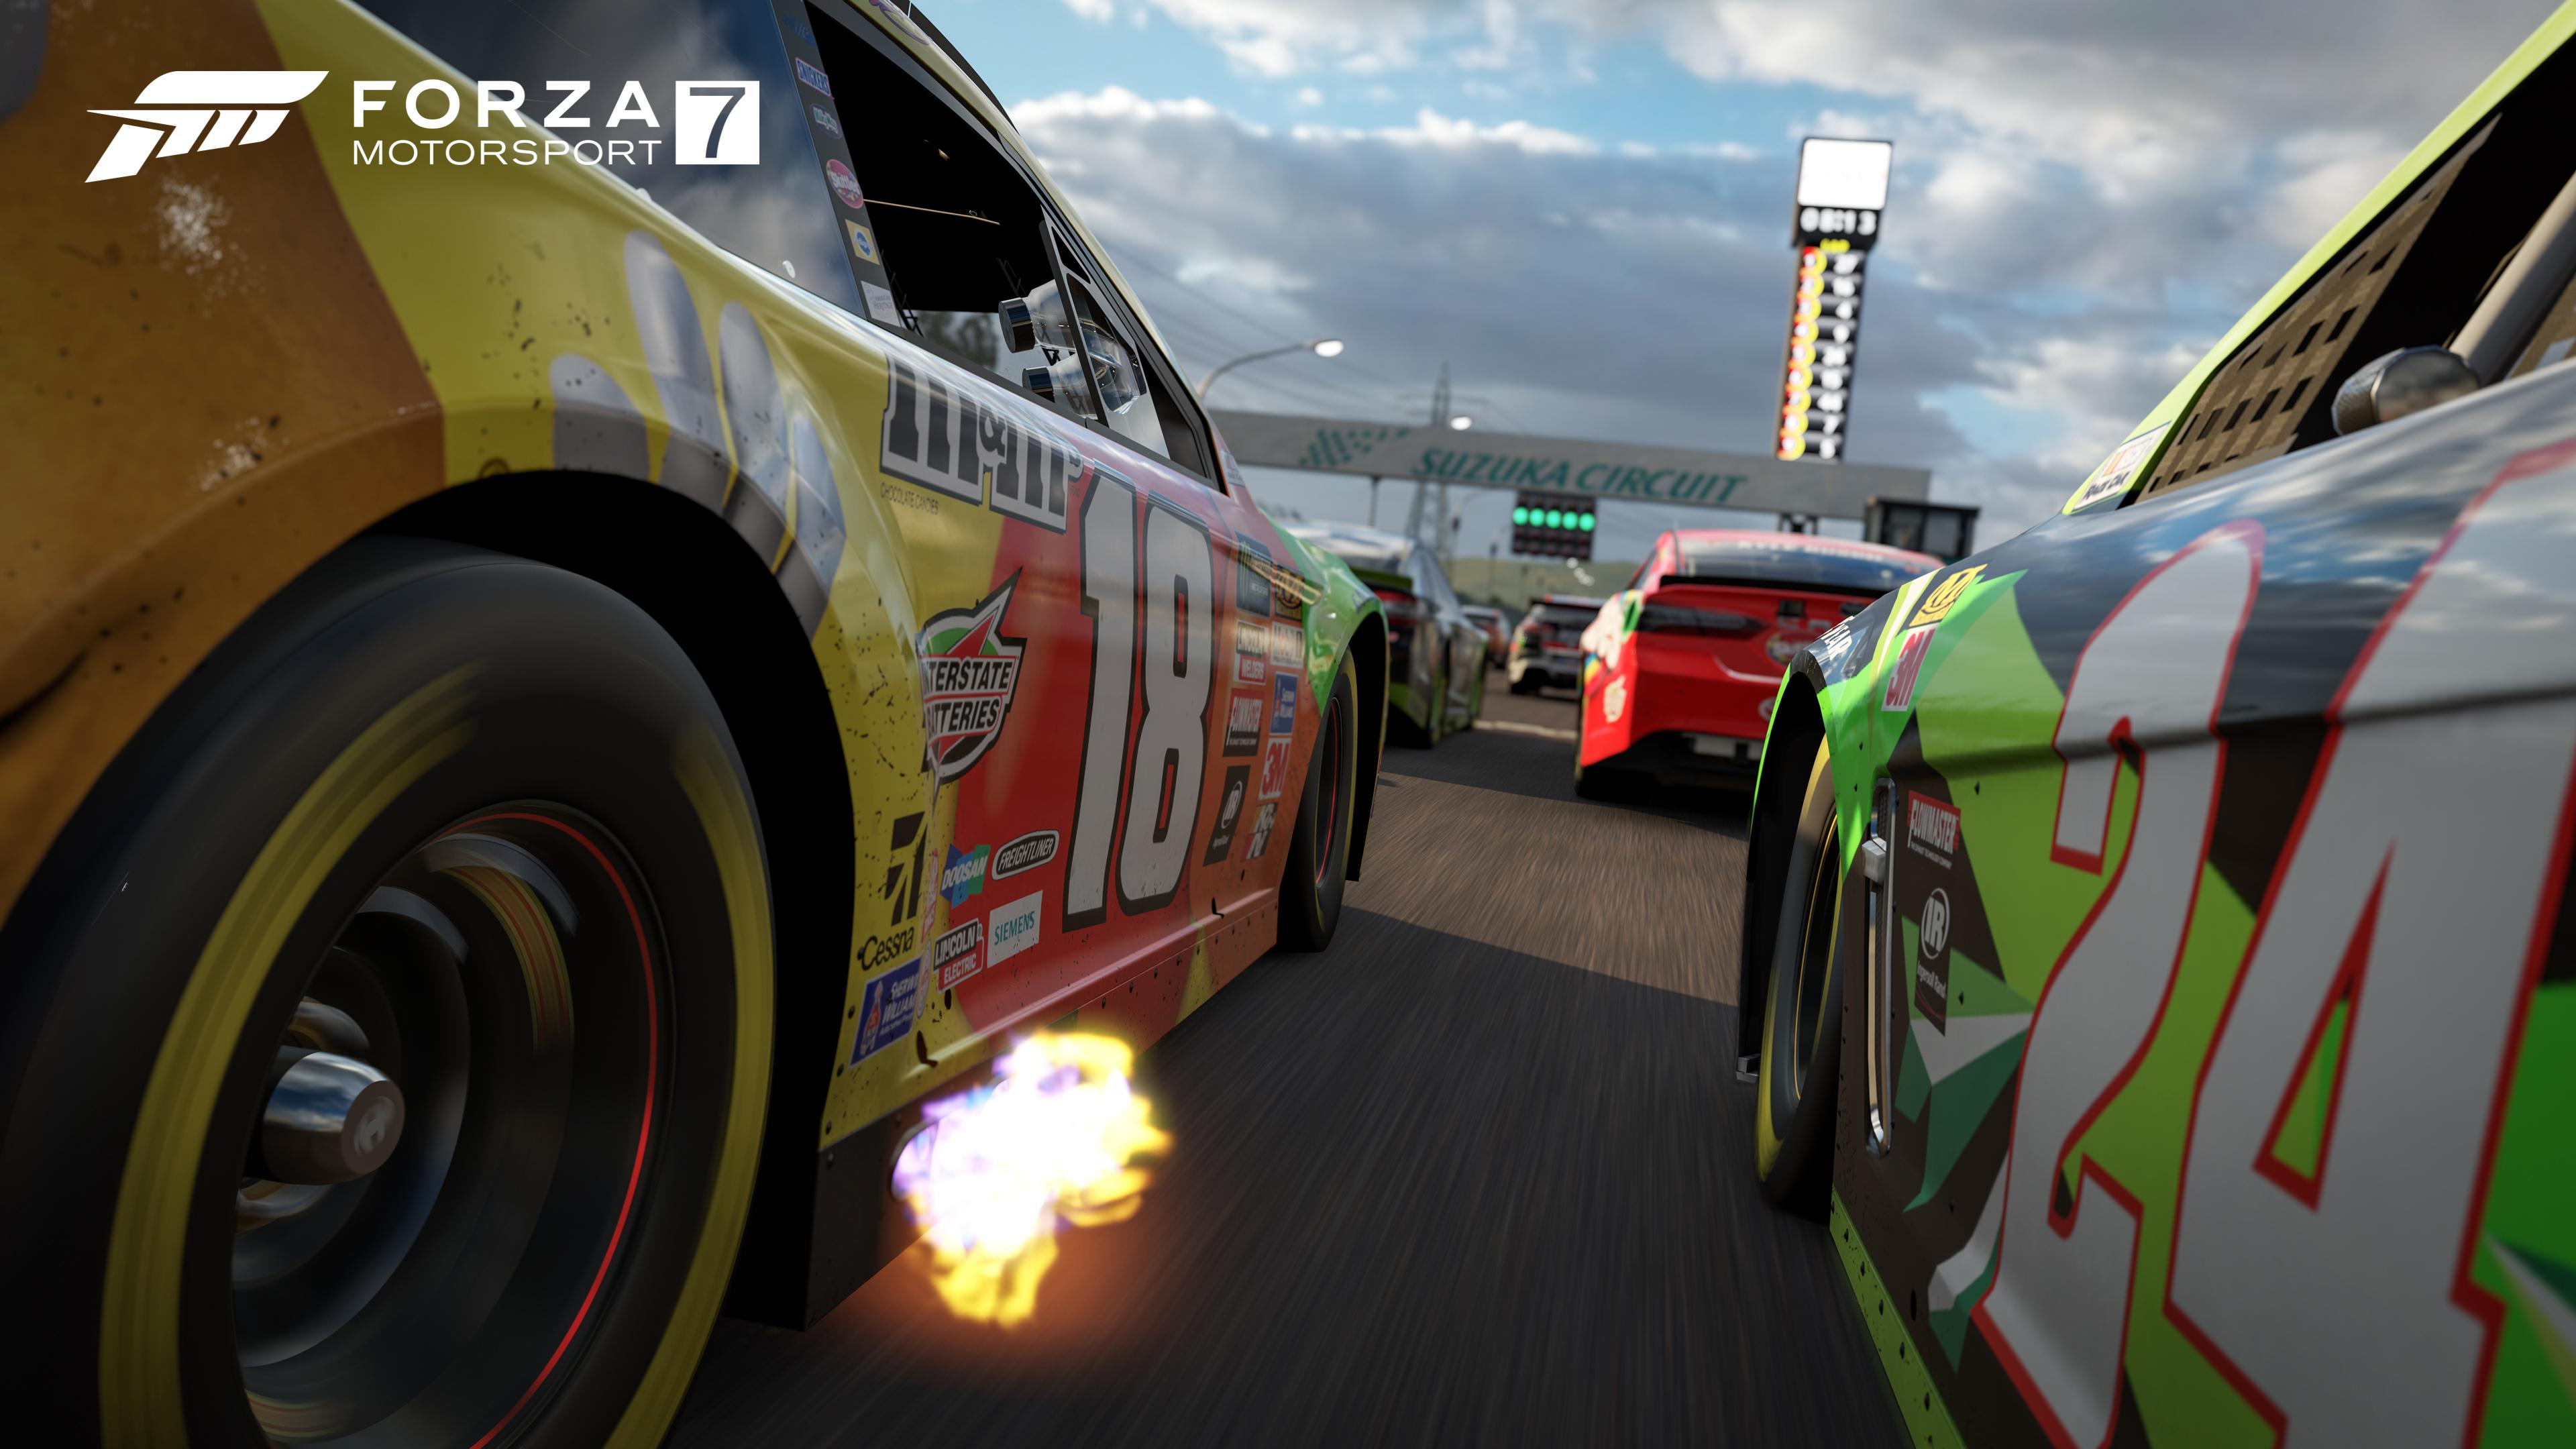 ForzaMotorsport7_PreviewScreenshot_NeckAndNeck_WM_3840x2160